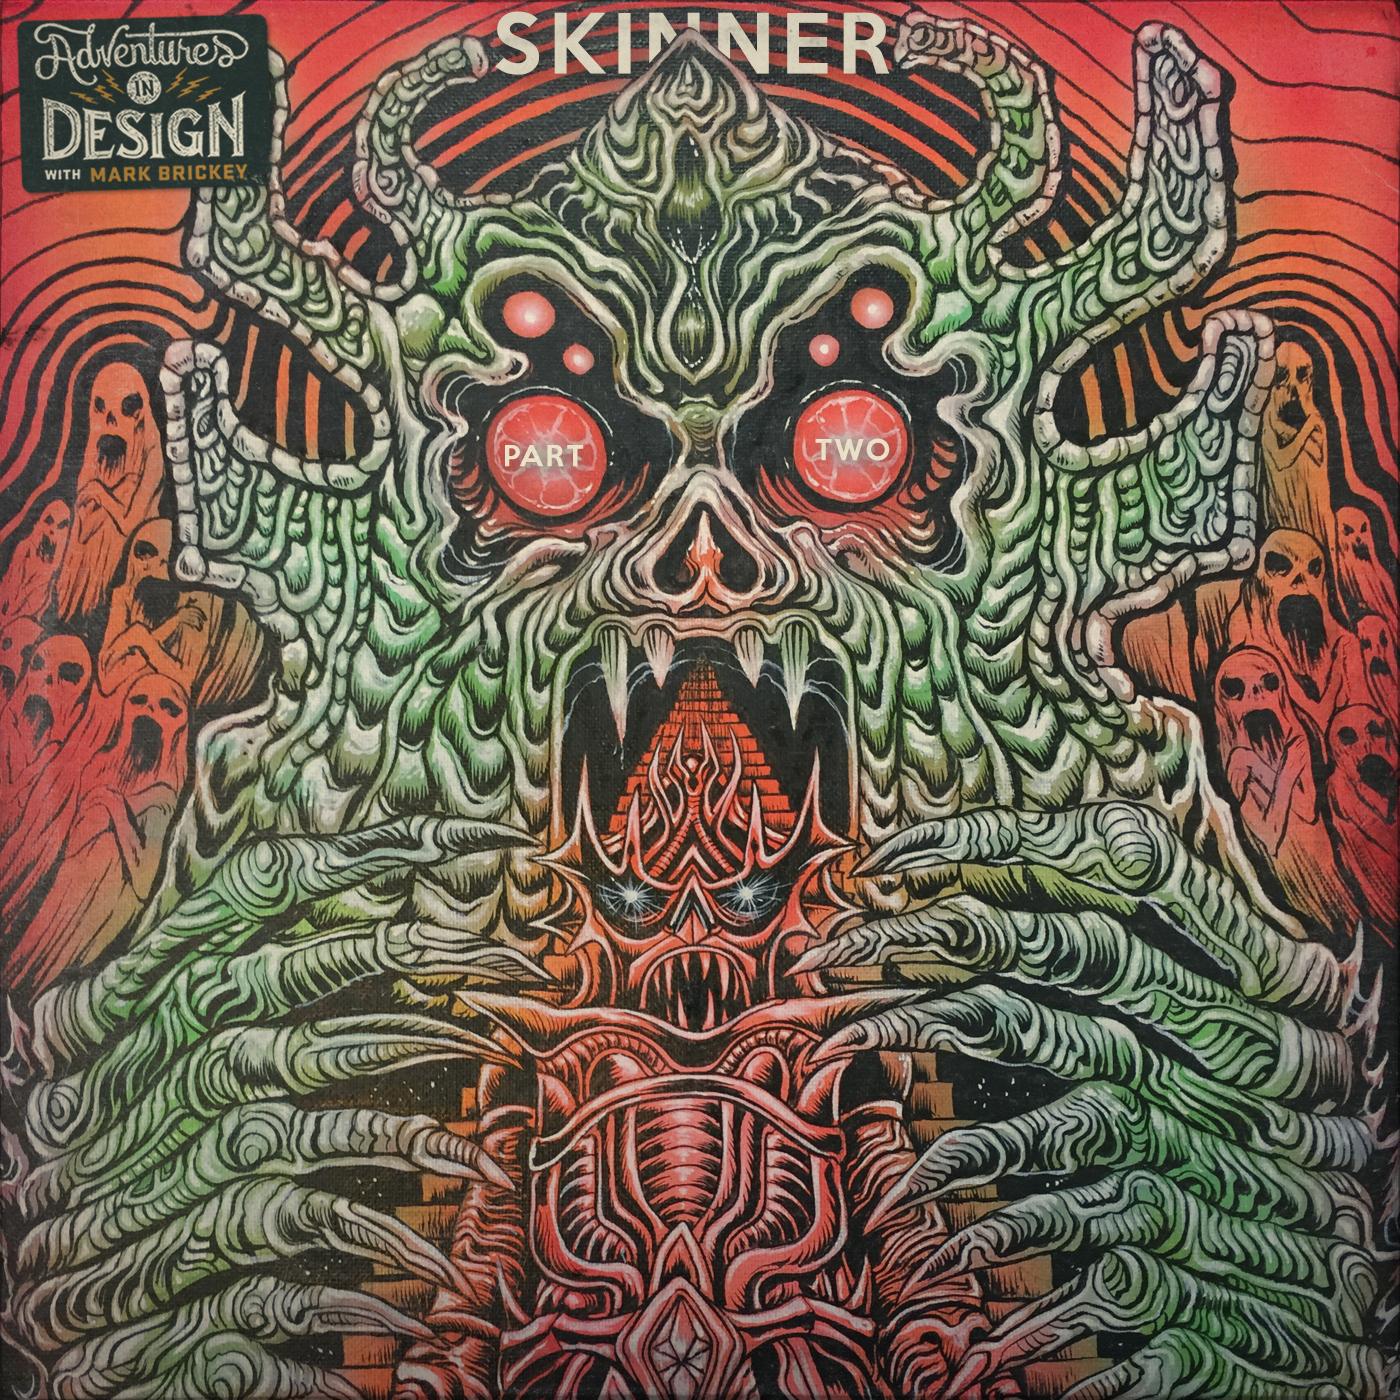 530 - Skinner: Part Two